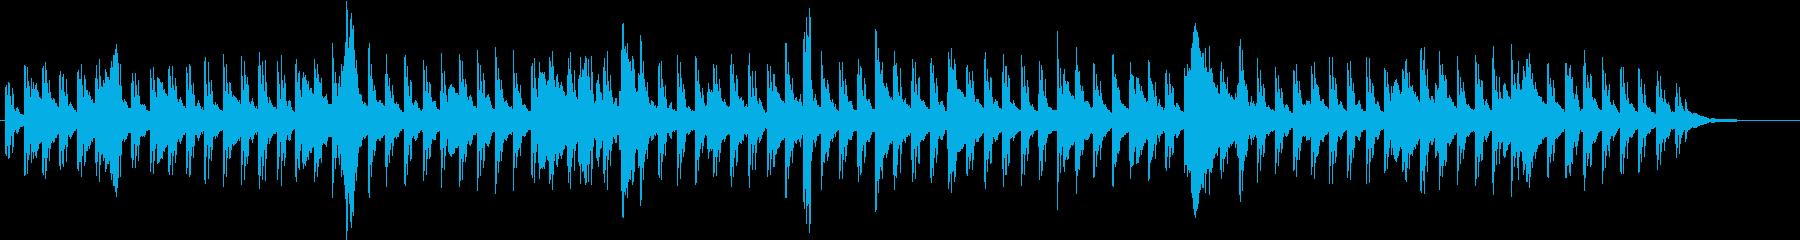 涼しげピアノBGM水滴をイメージの再生済みの波形